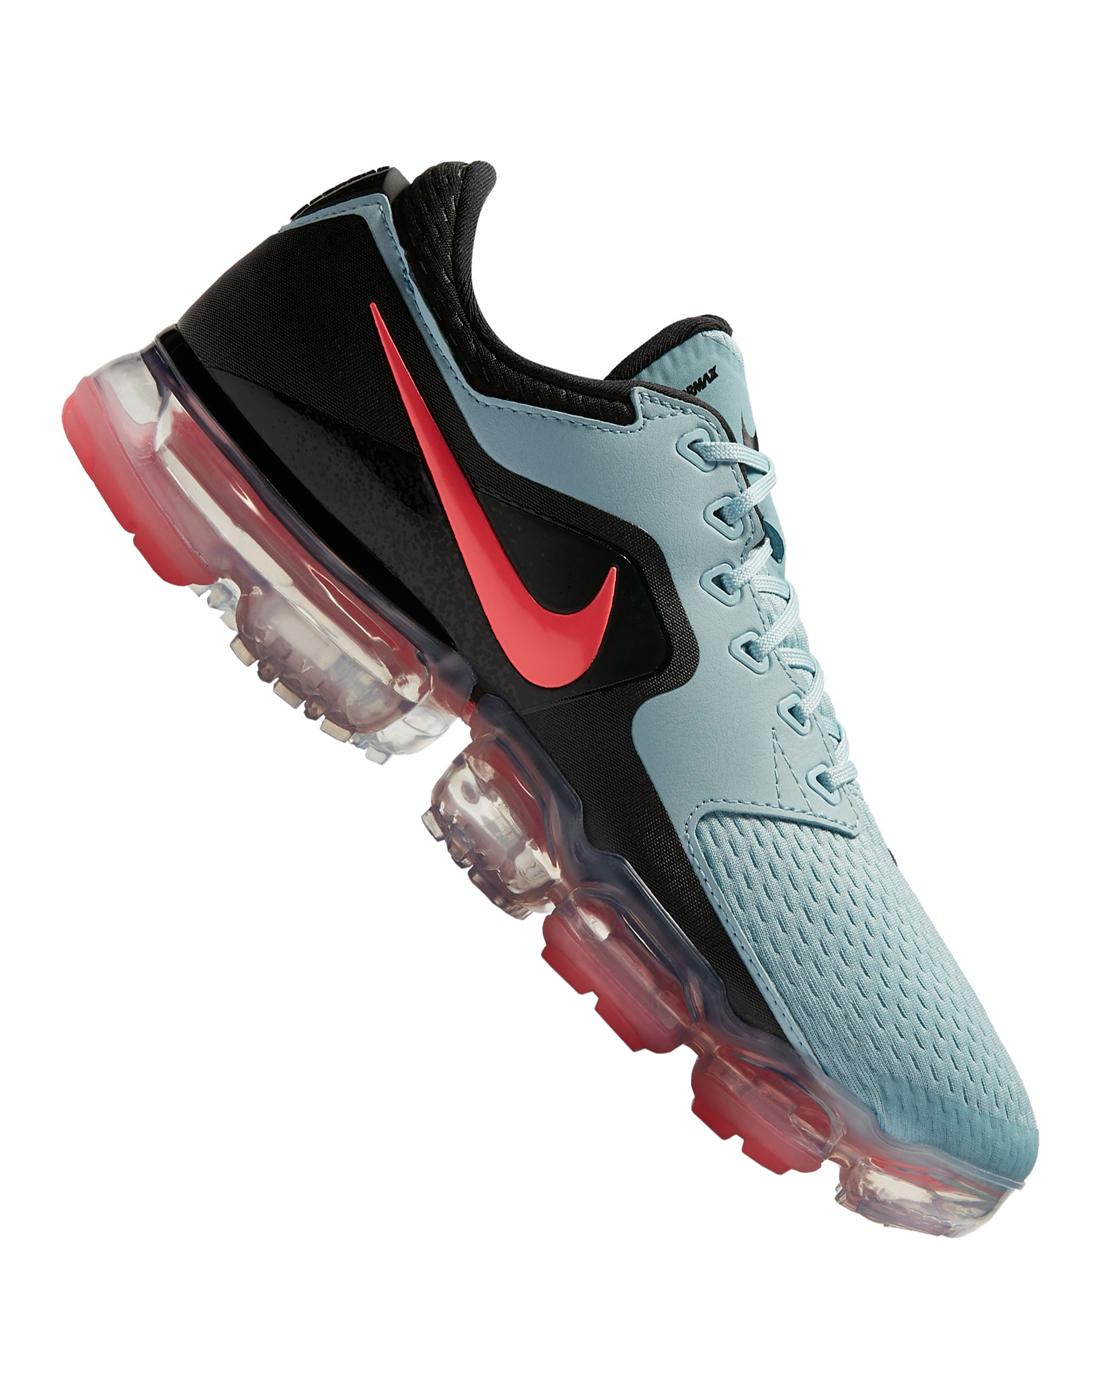 7cb06a1aacf Kasut Nike Air Vapormax Women Nike Air Vapormax Women Shoes ...